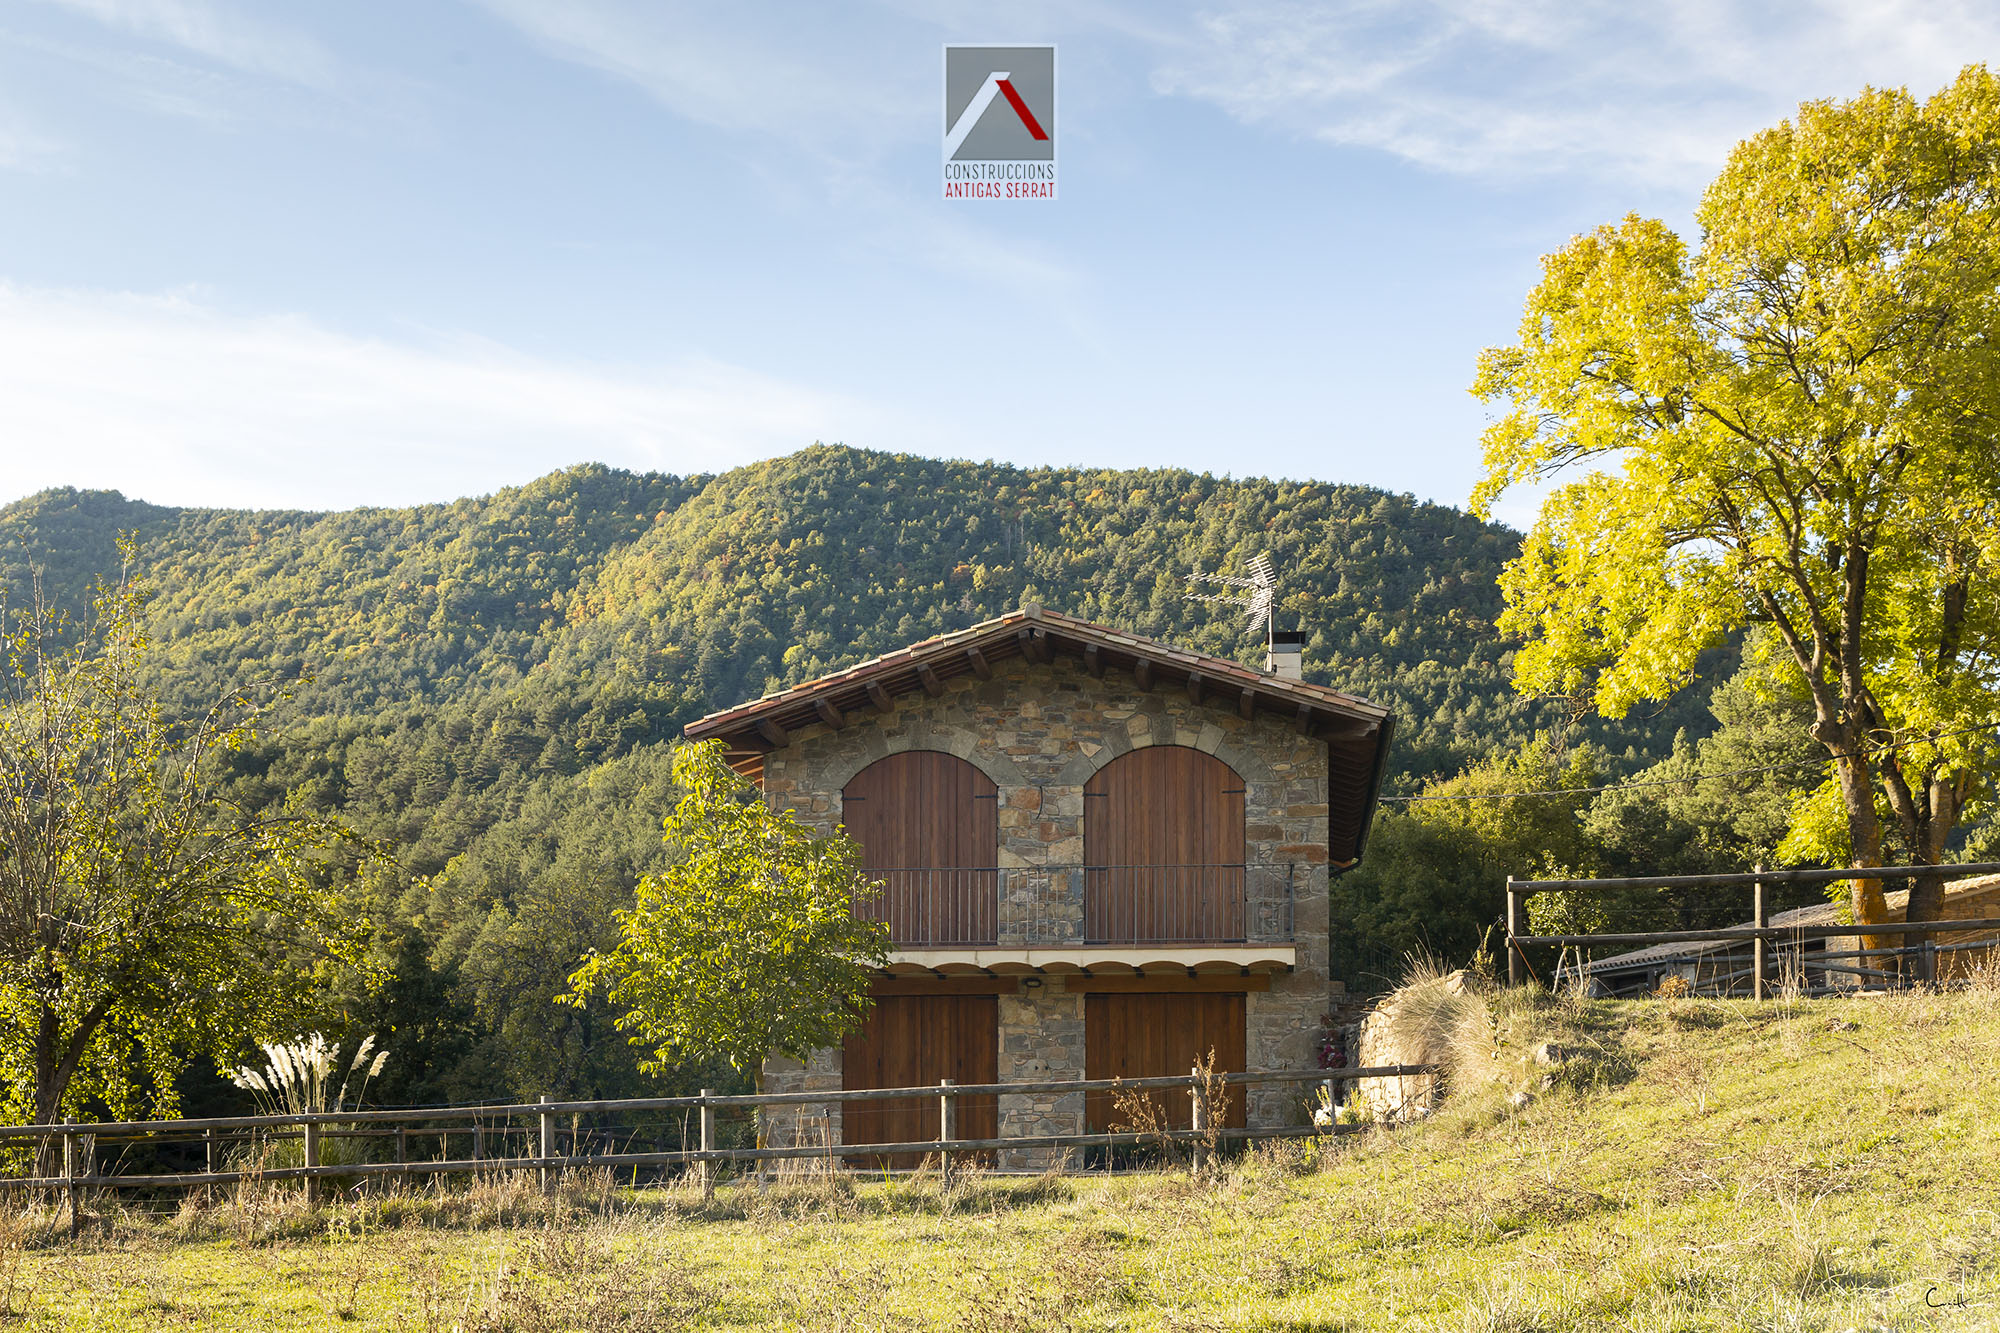 Reforma construcció rústica de muntanya a Les Llosses